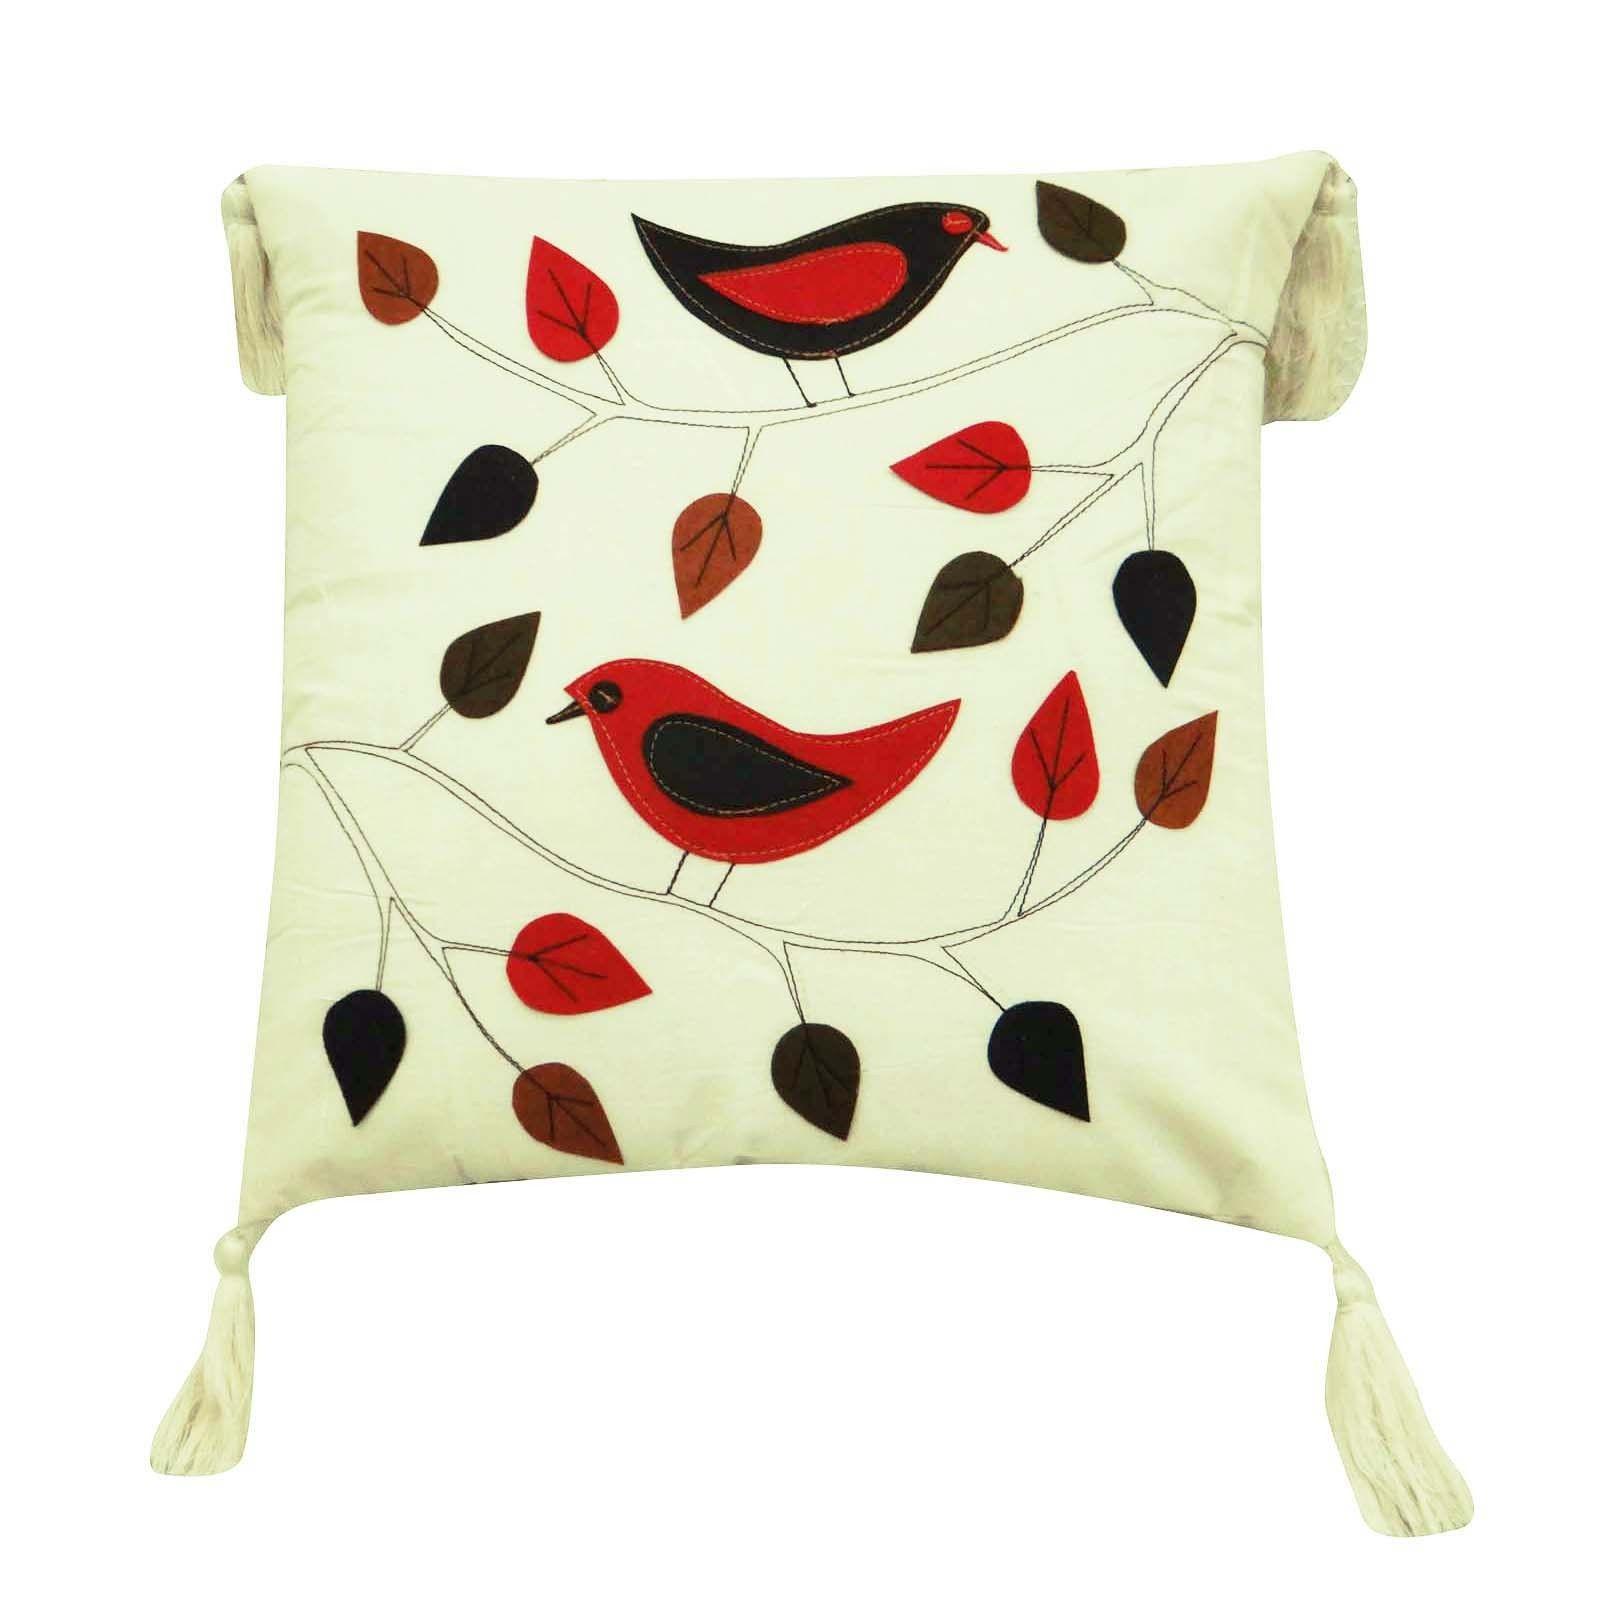 Bird pillows cojines pinterest pillows bird and patchwork pillow